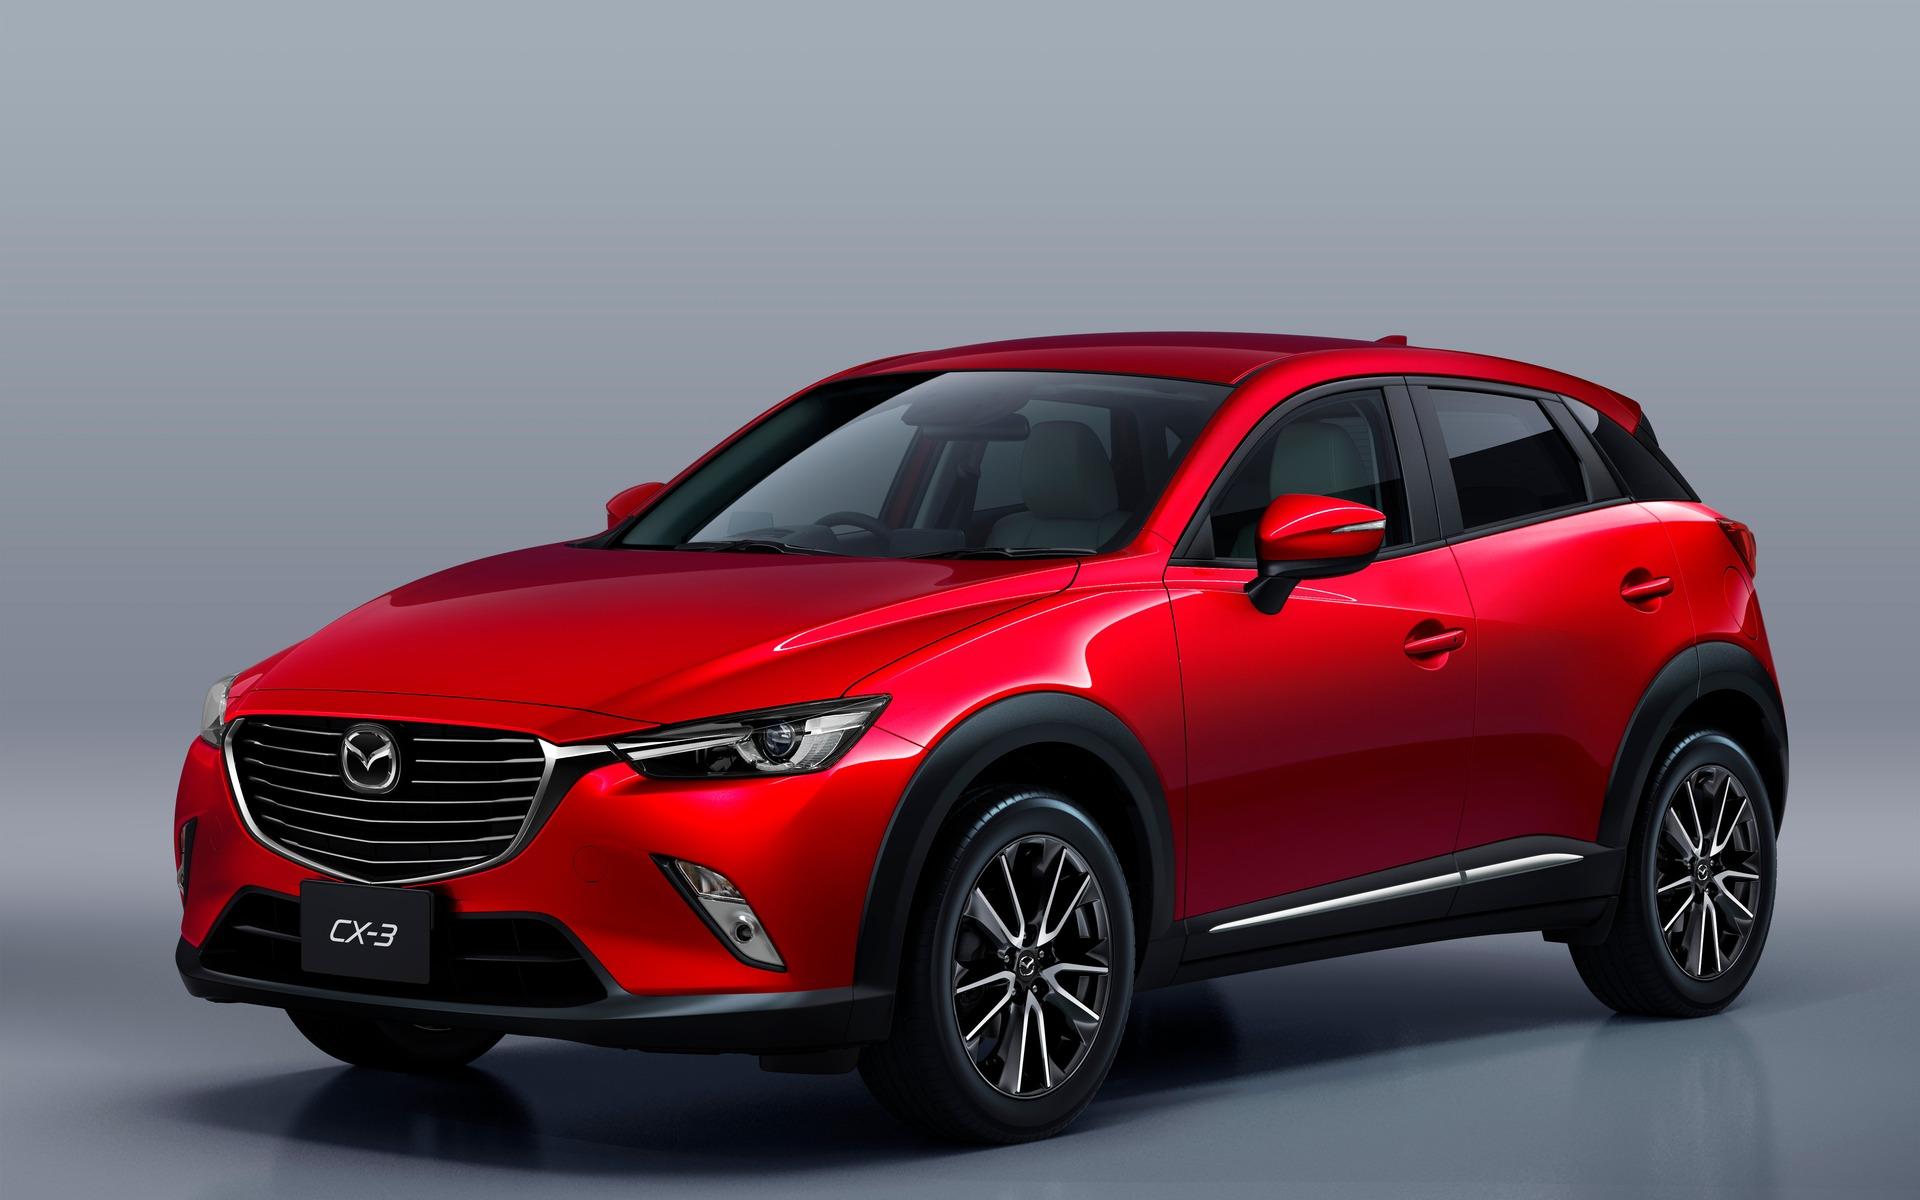 La nouvelle Mazda CX-3 a fait des débuts remarqués.